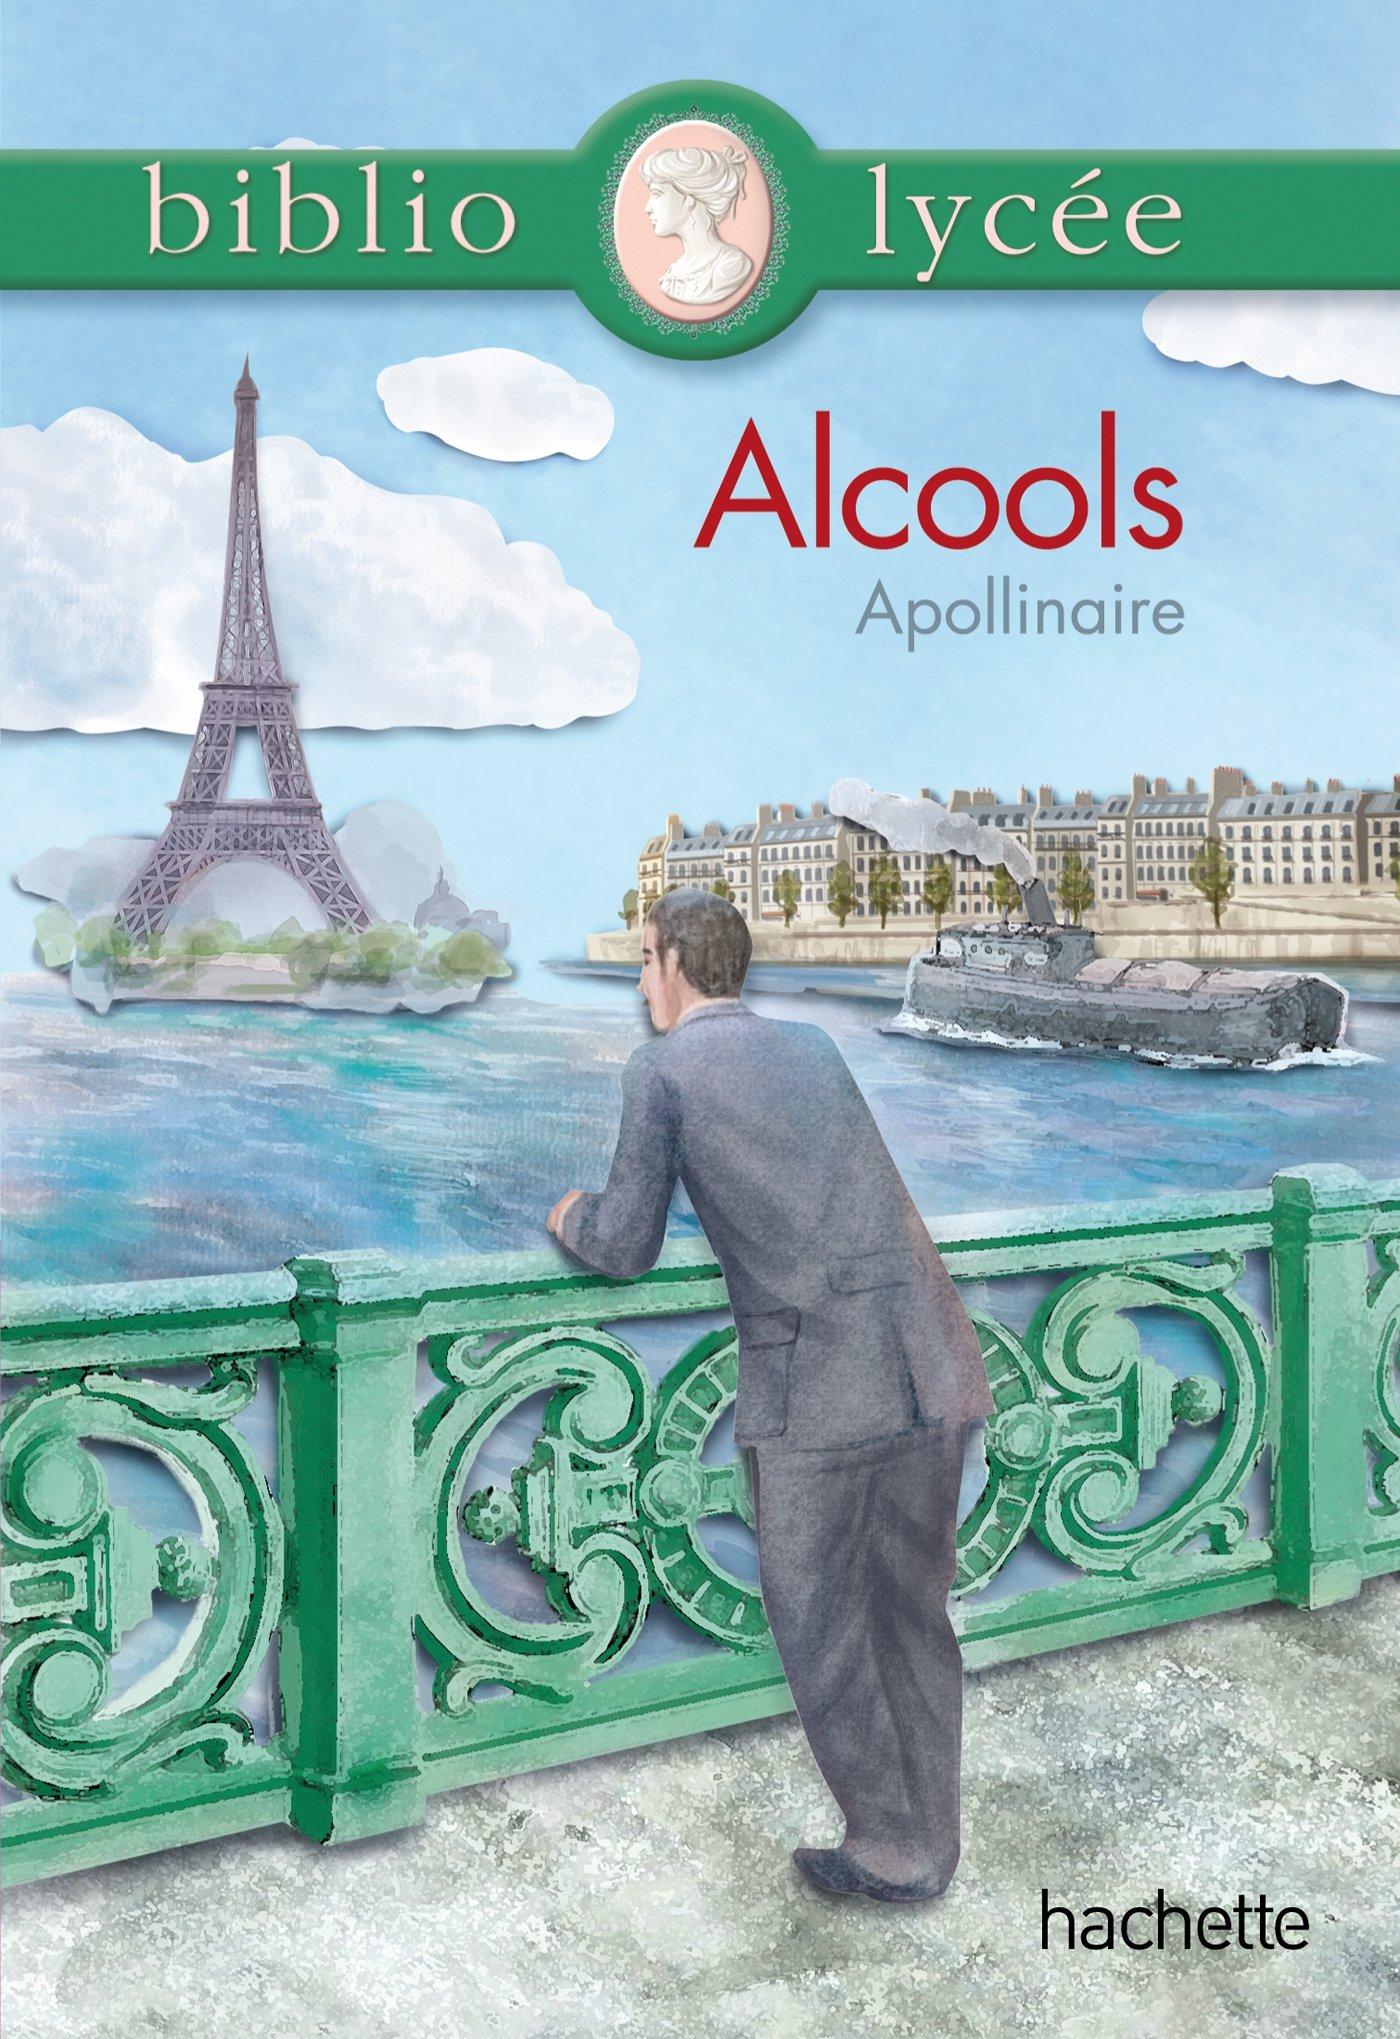 Guillaume Apollinaire, Alcools, Biblio Lycée, Hachette, 219 p.